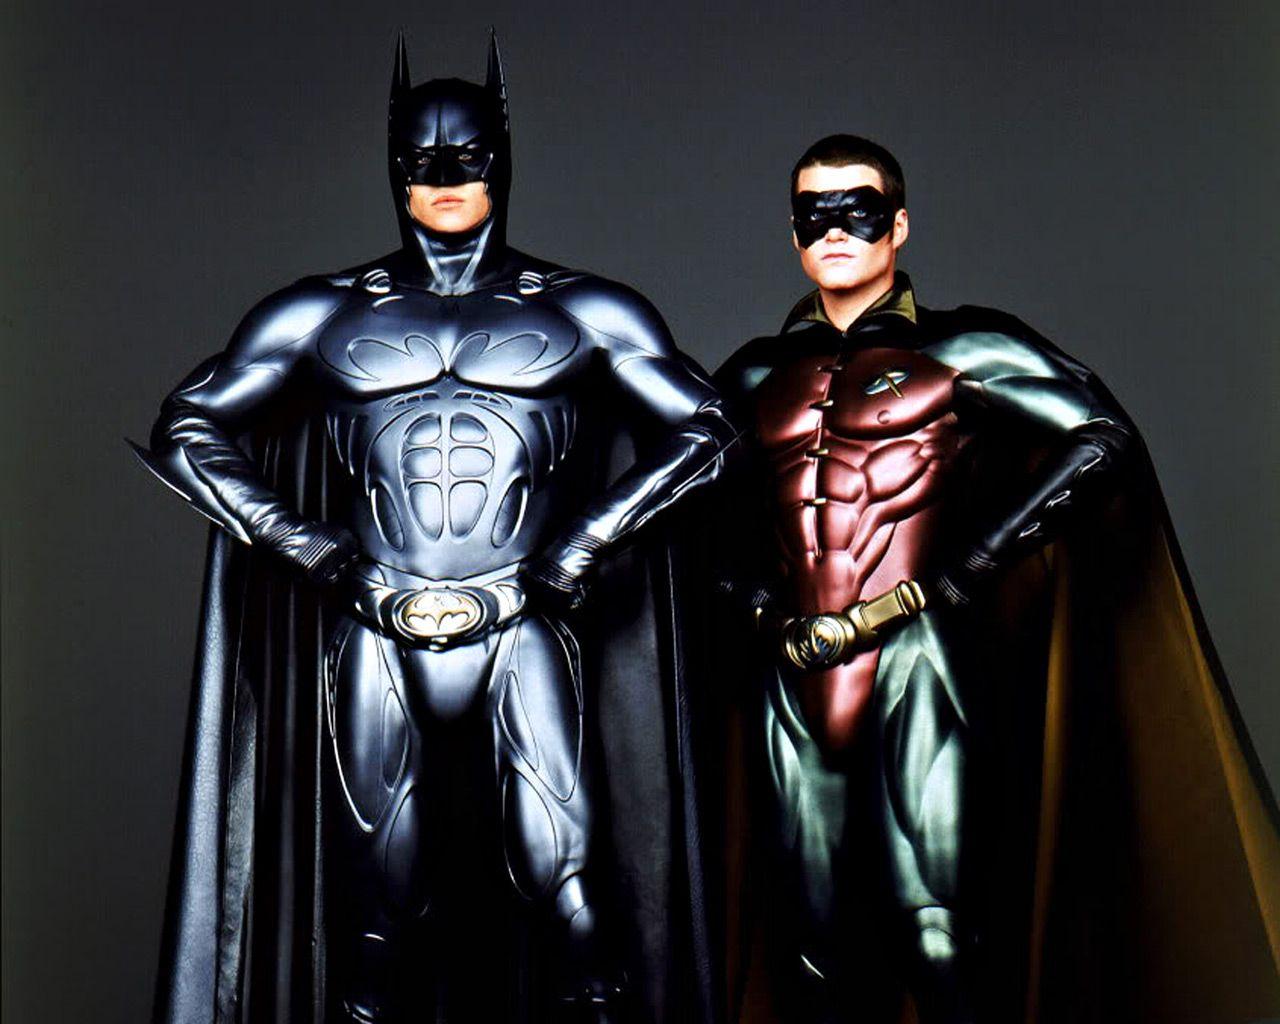 Batman And Robin Wallpaper 1280x1024